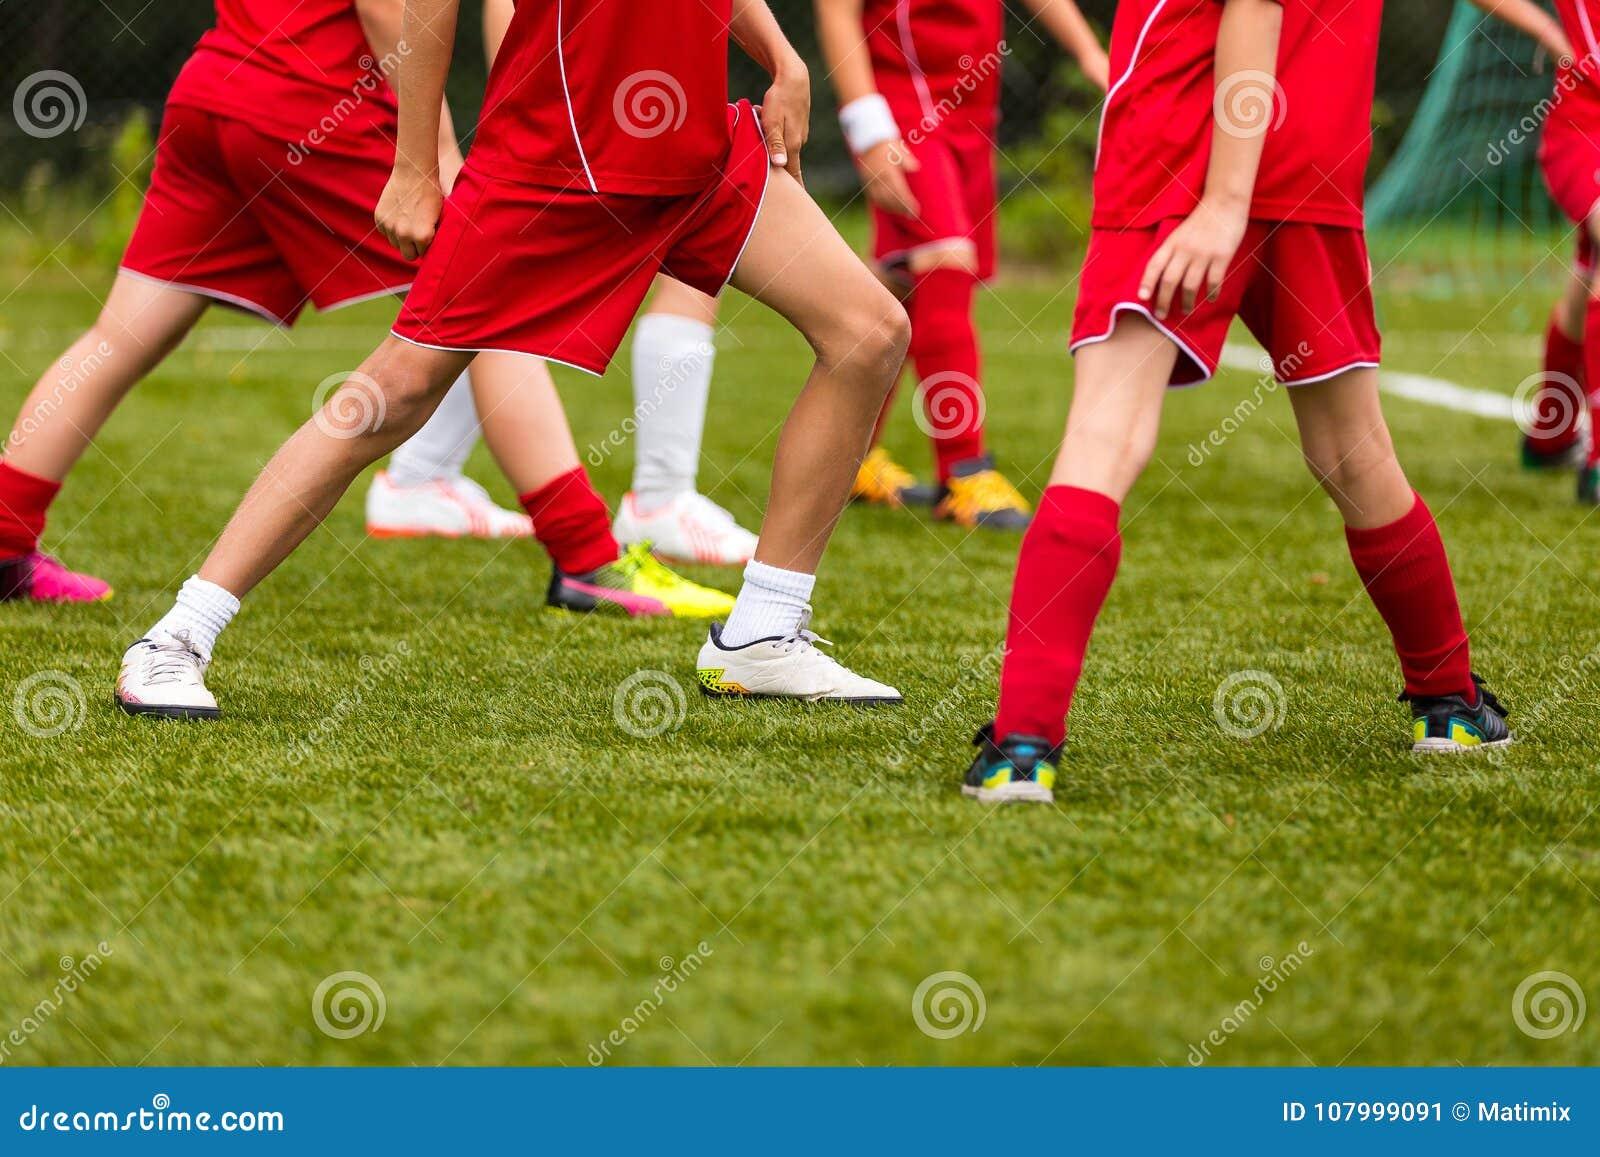 Immagini Di Calcio Per Bambini : Corso di formazione di calcio per i bambini giovani giocatori di